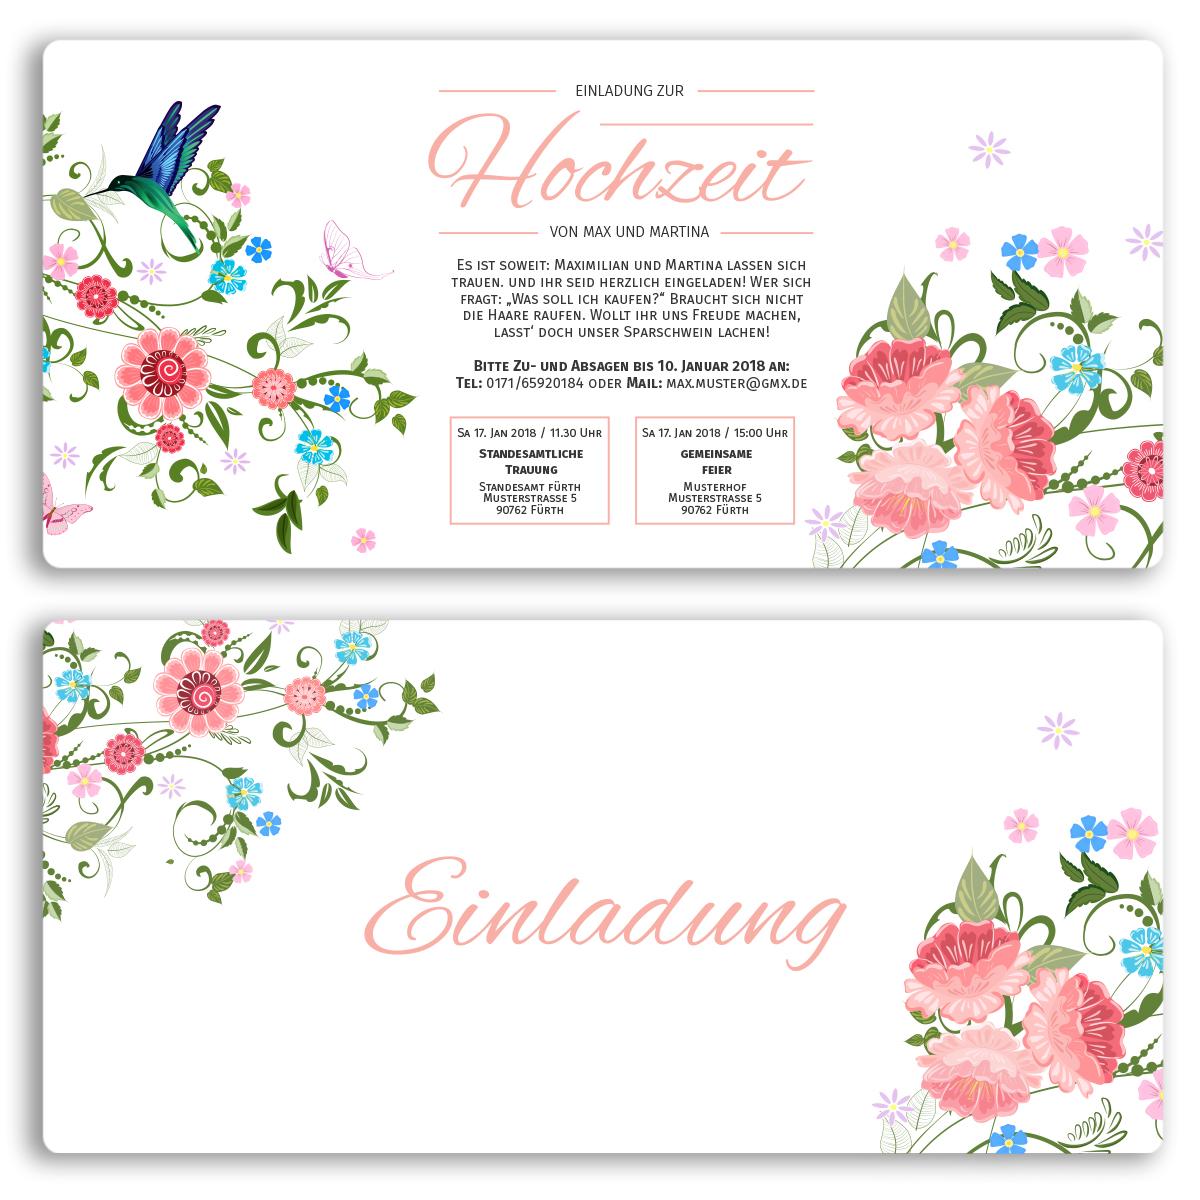 Einladungskarten Zur Hochzeit Als Eintrittskarte Ticket Einladung